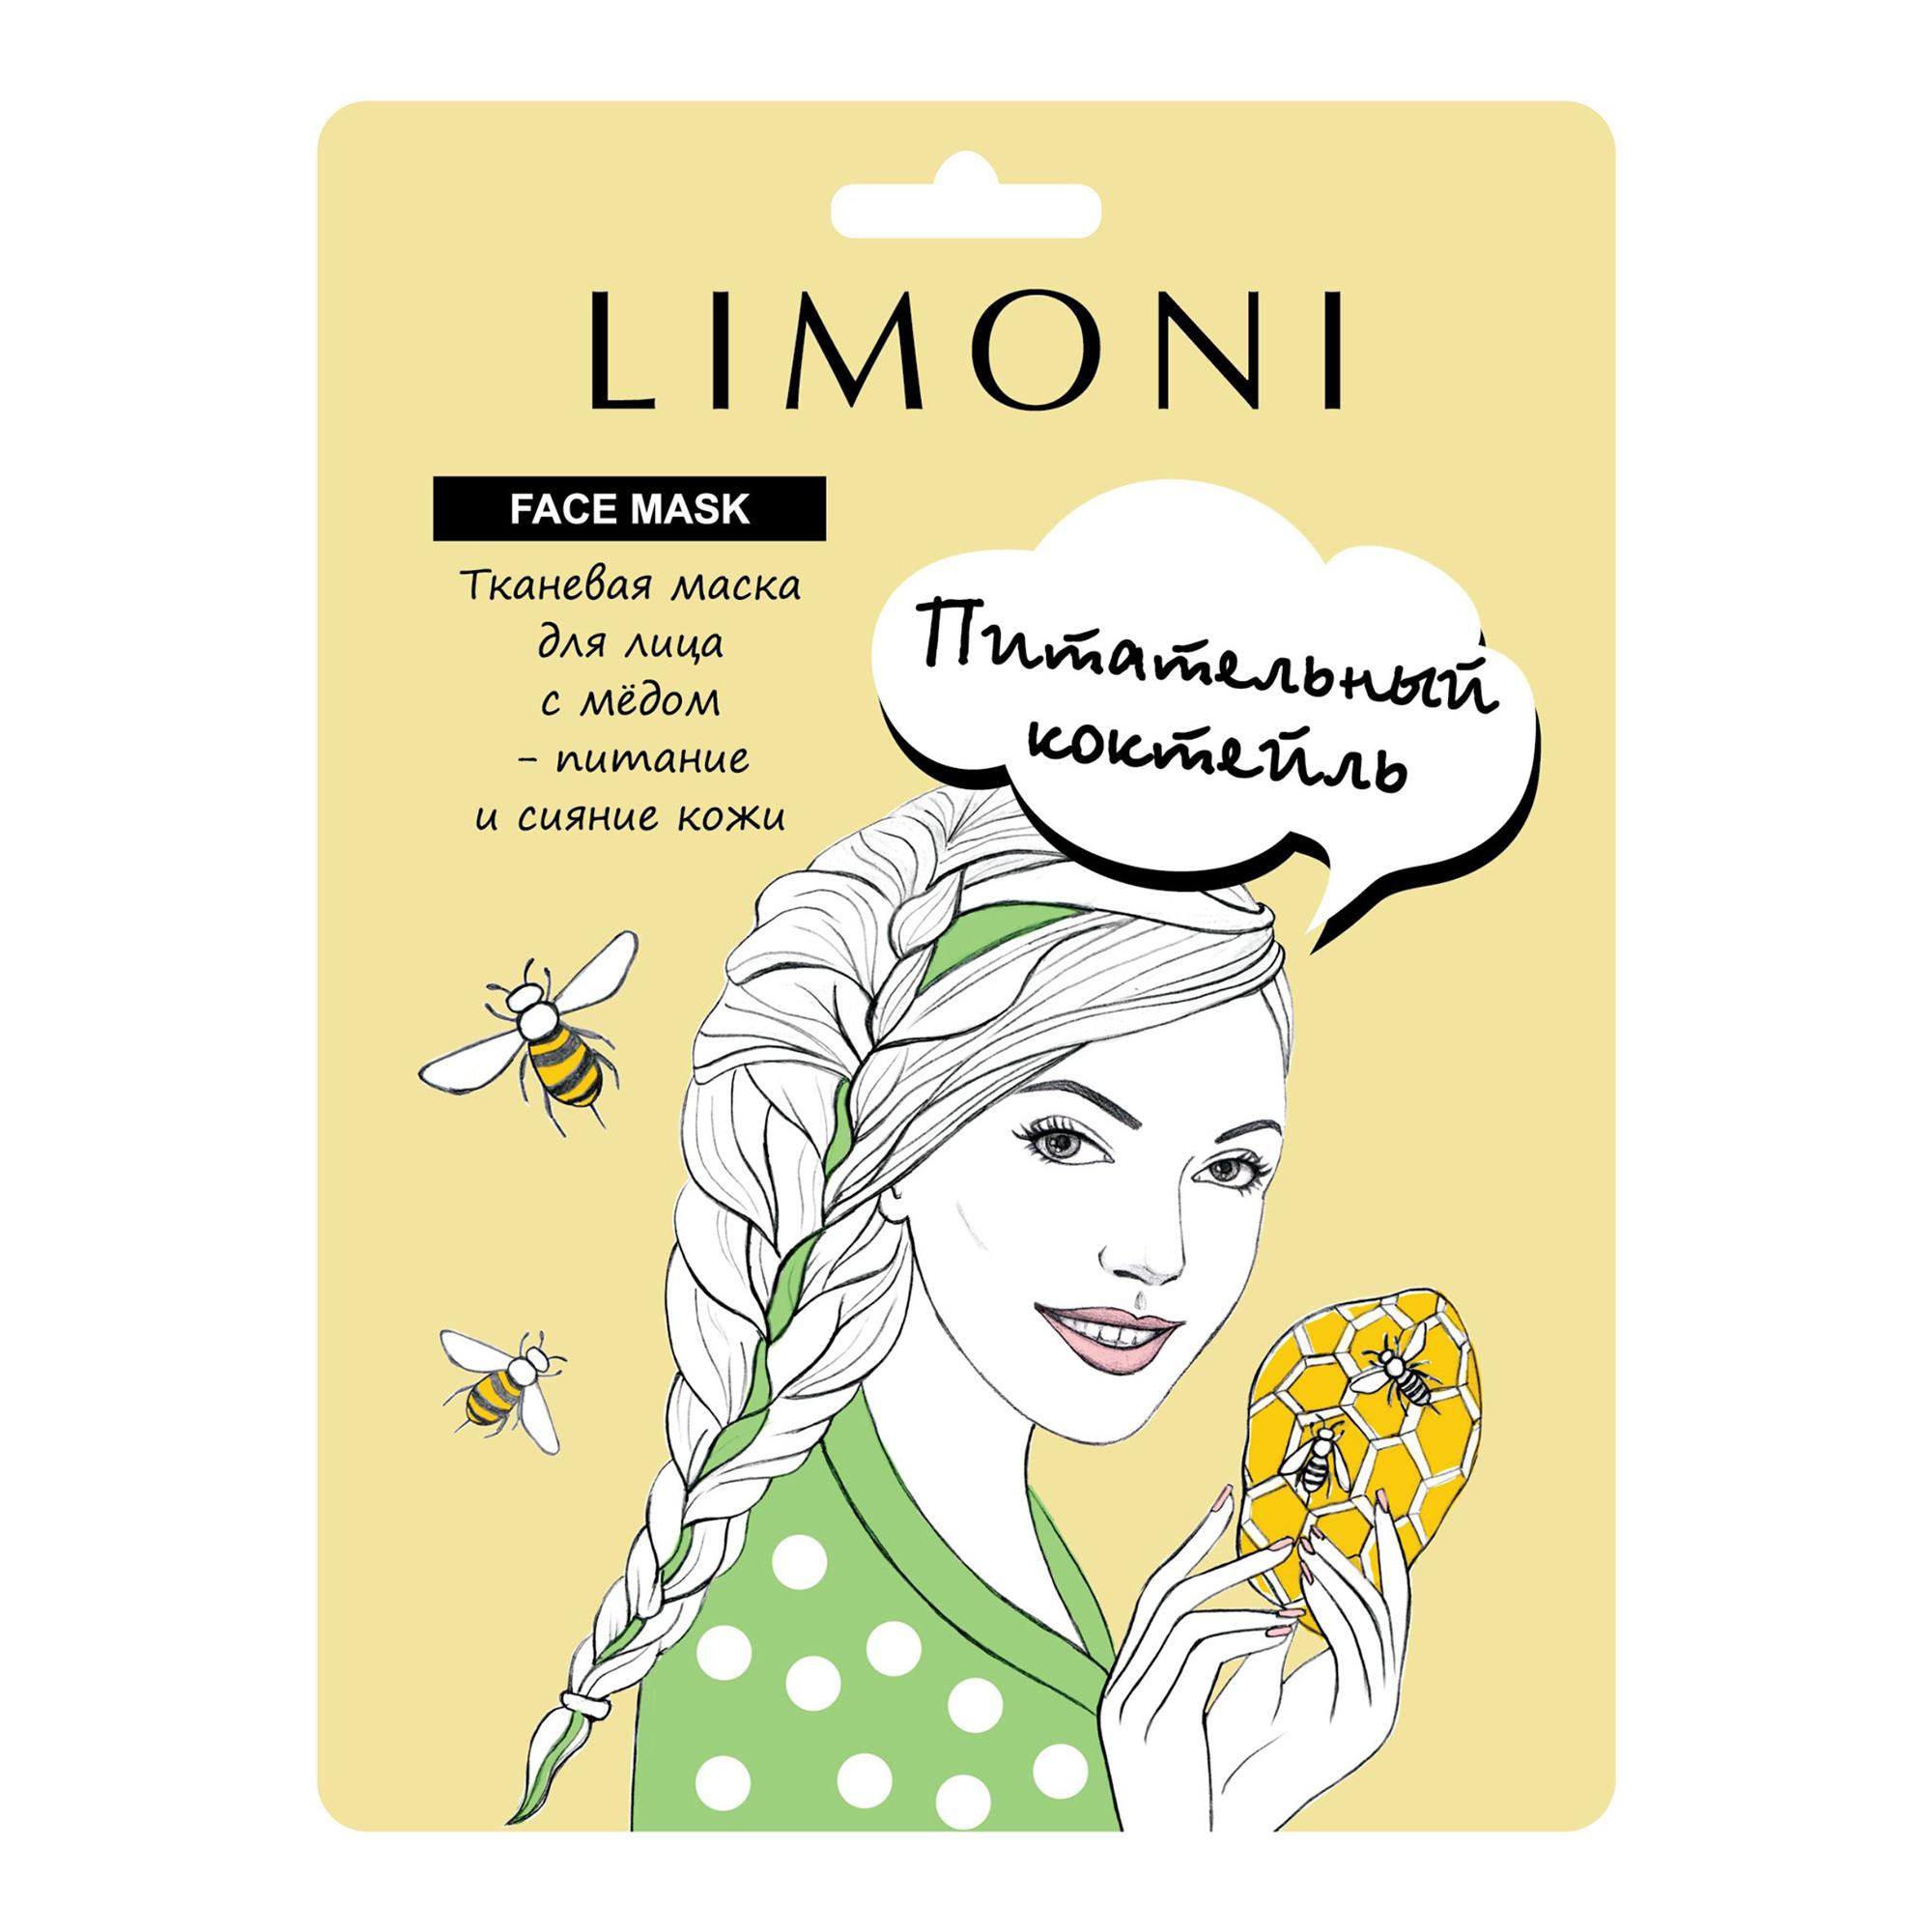 LIMONI Маска для лица питательная с медом Sheet mask with honey extract / SHEET MASK 20грМаски<br>Тканевая маска с экстрактом мёда питает сухую кожу лица, придает сияние. Пропитана высоконцентрированной эссенцией, помогающей улучшить структуру кожи. Глубоко питает, увлажняет и тонизирует кожу, стимулирует ее клеточную активность, улучшая дыхание клеток, активизирует обменные процессы в тканях, препятствуя преждевременному старению кожи. Придает коже сияние и румянец, сохраняя здоровый внешний вид.<br><br>Типы кожи: Сухая и чувствительная